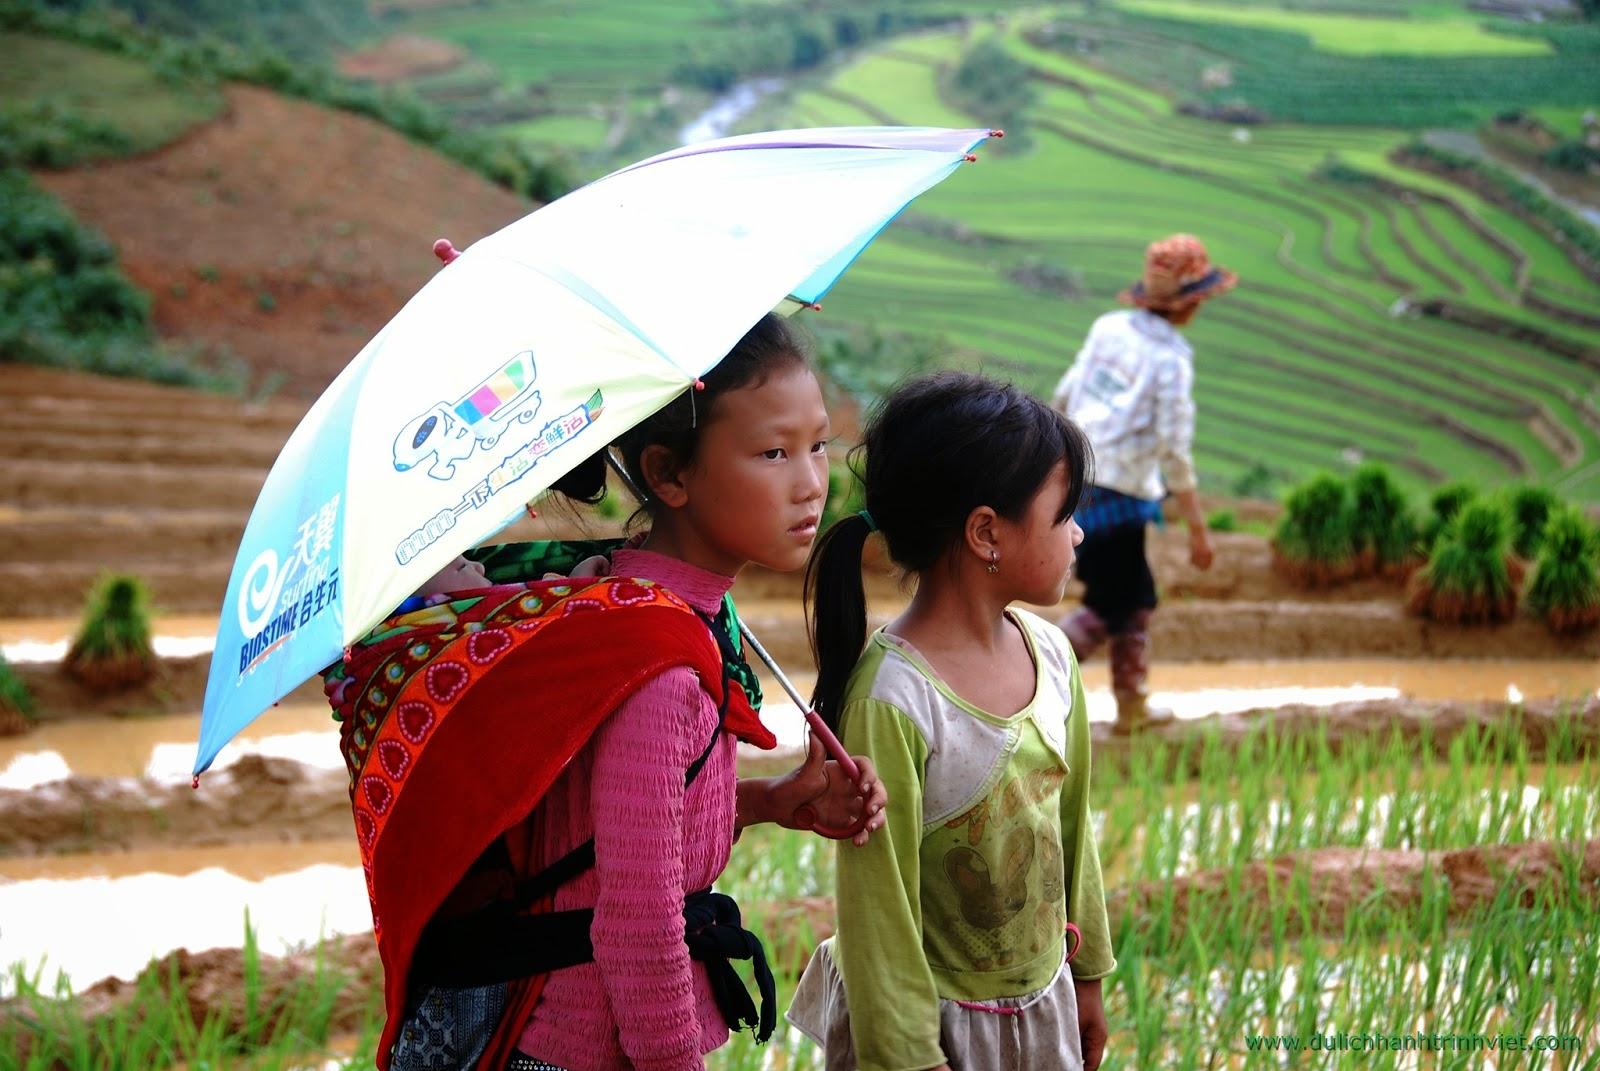 Đi bộ tham quan làng Mã Tra ở Sapa - 06.2014